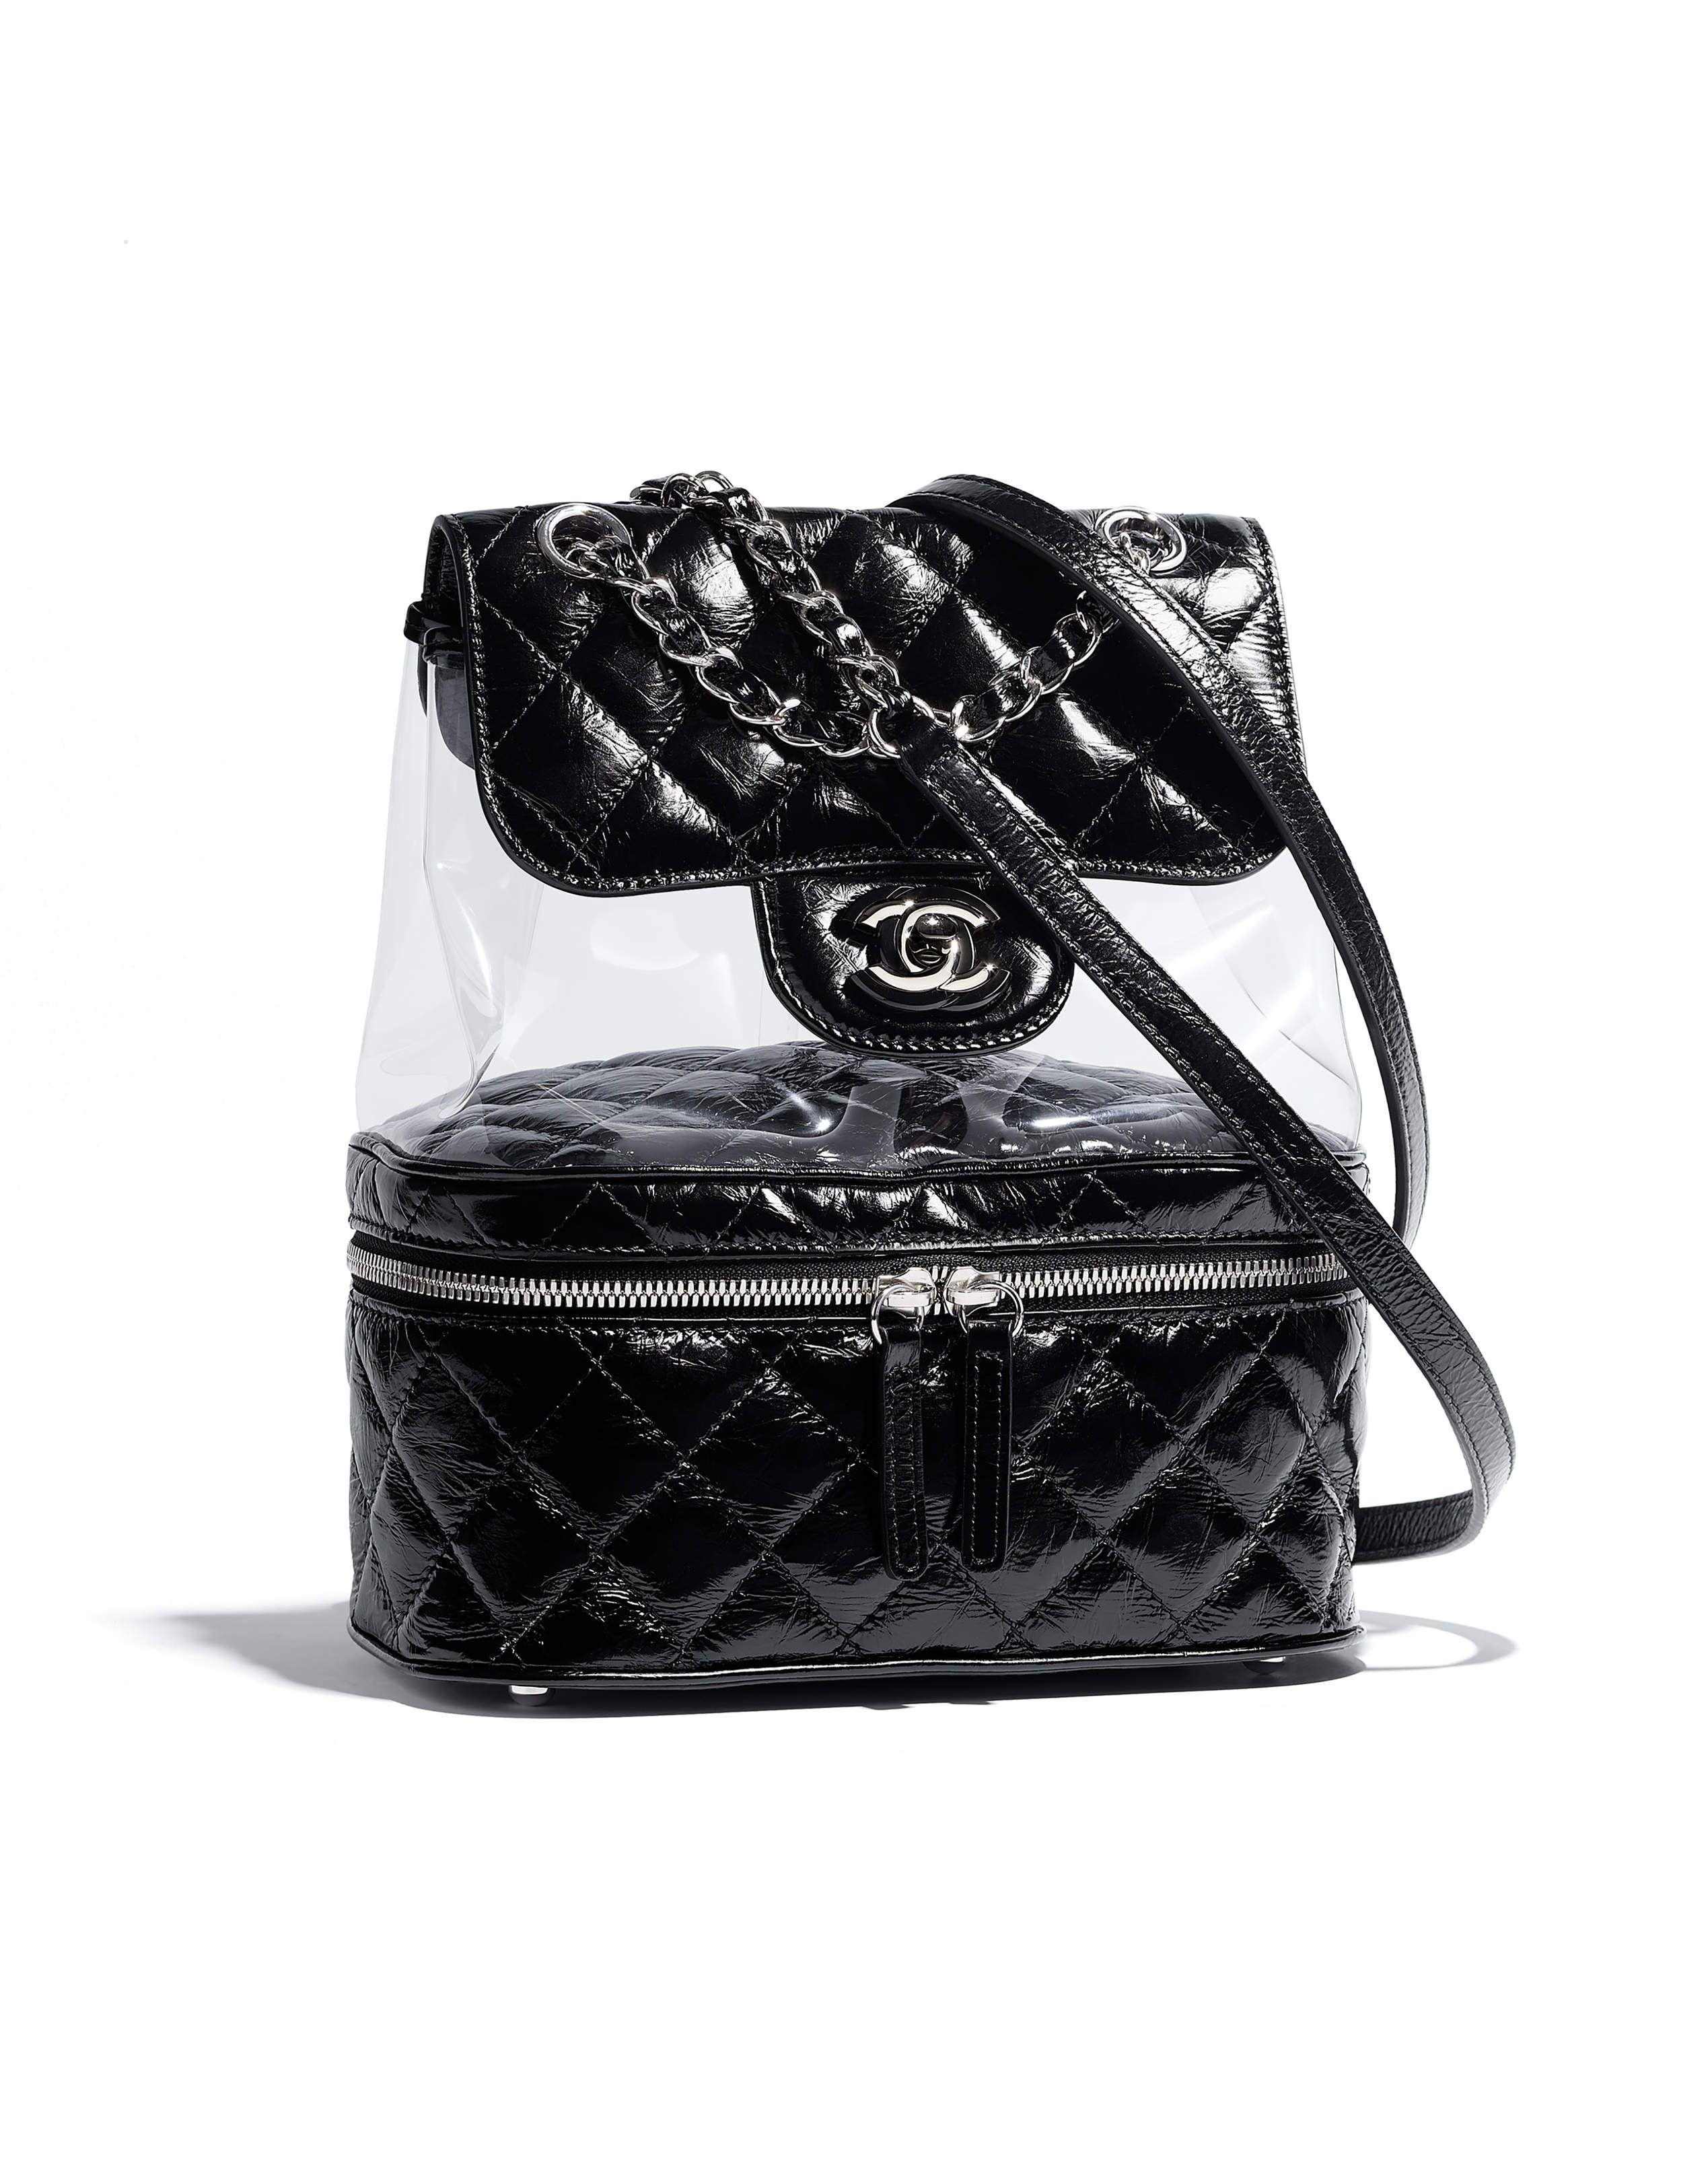 7208a6e93e4 Chanel - SS2018   Black PVC backpack   BAGS   Pinterest   Chanel ...